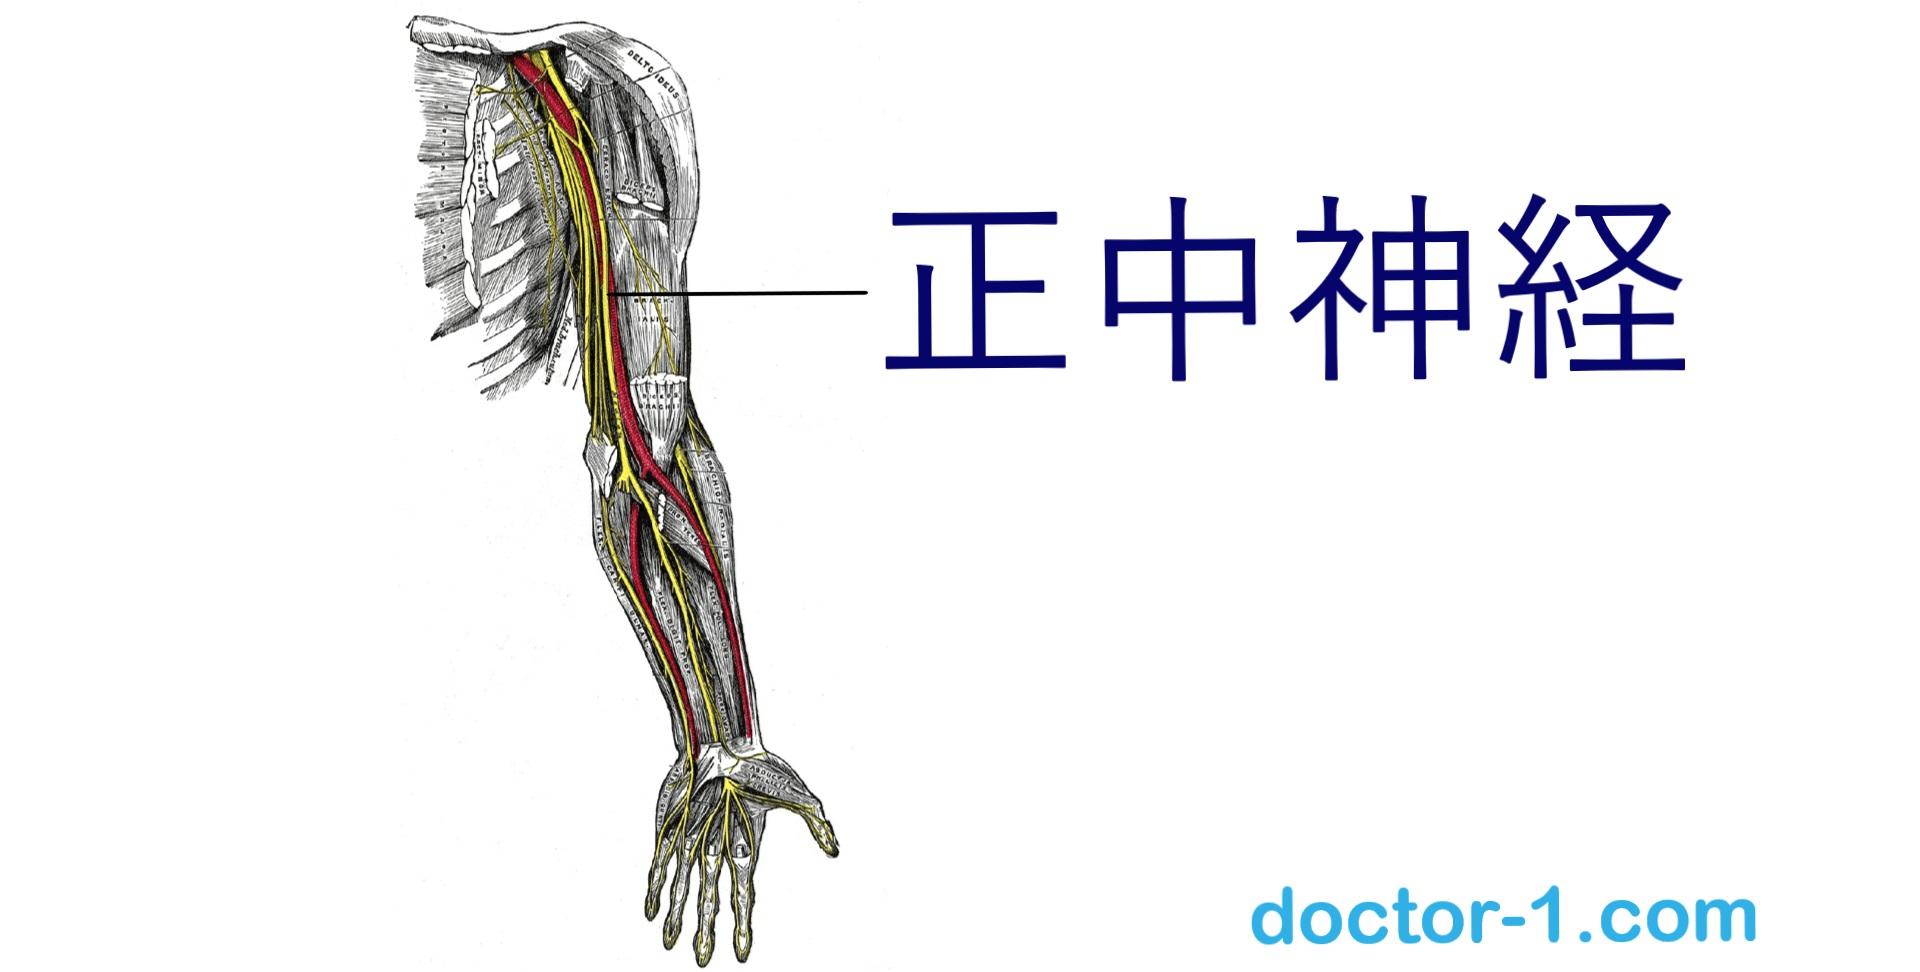 median-nerve